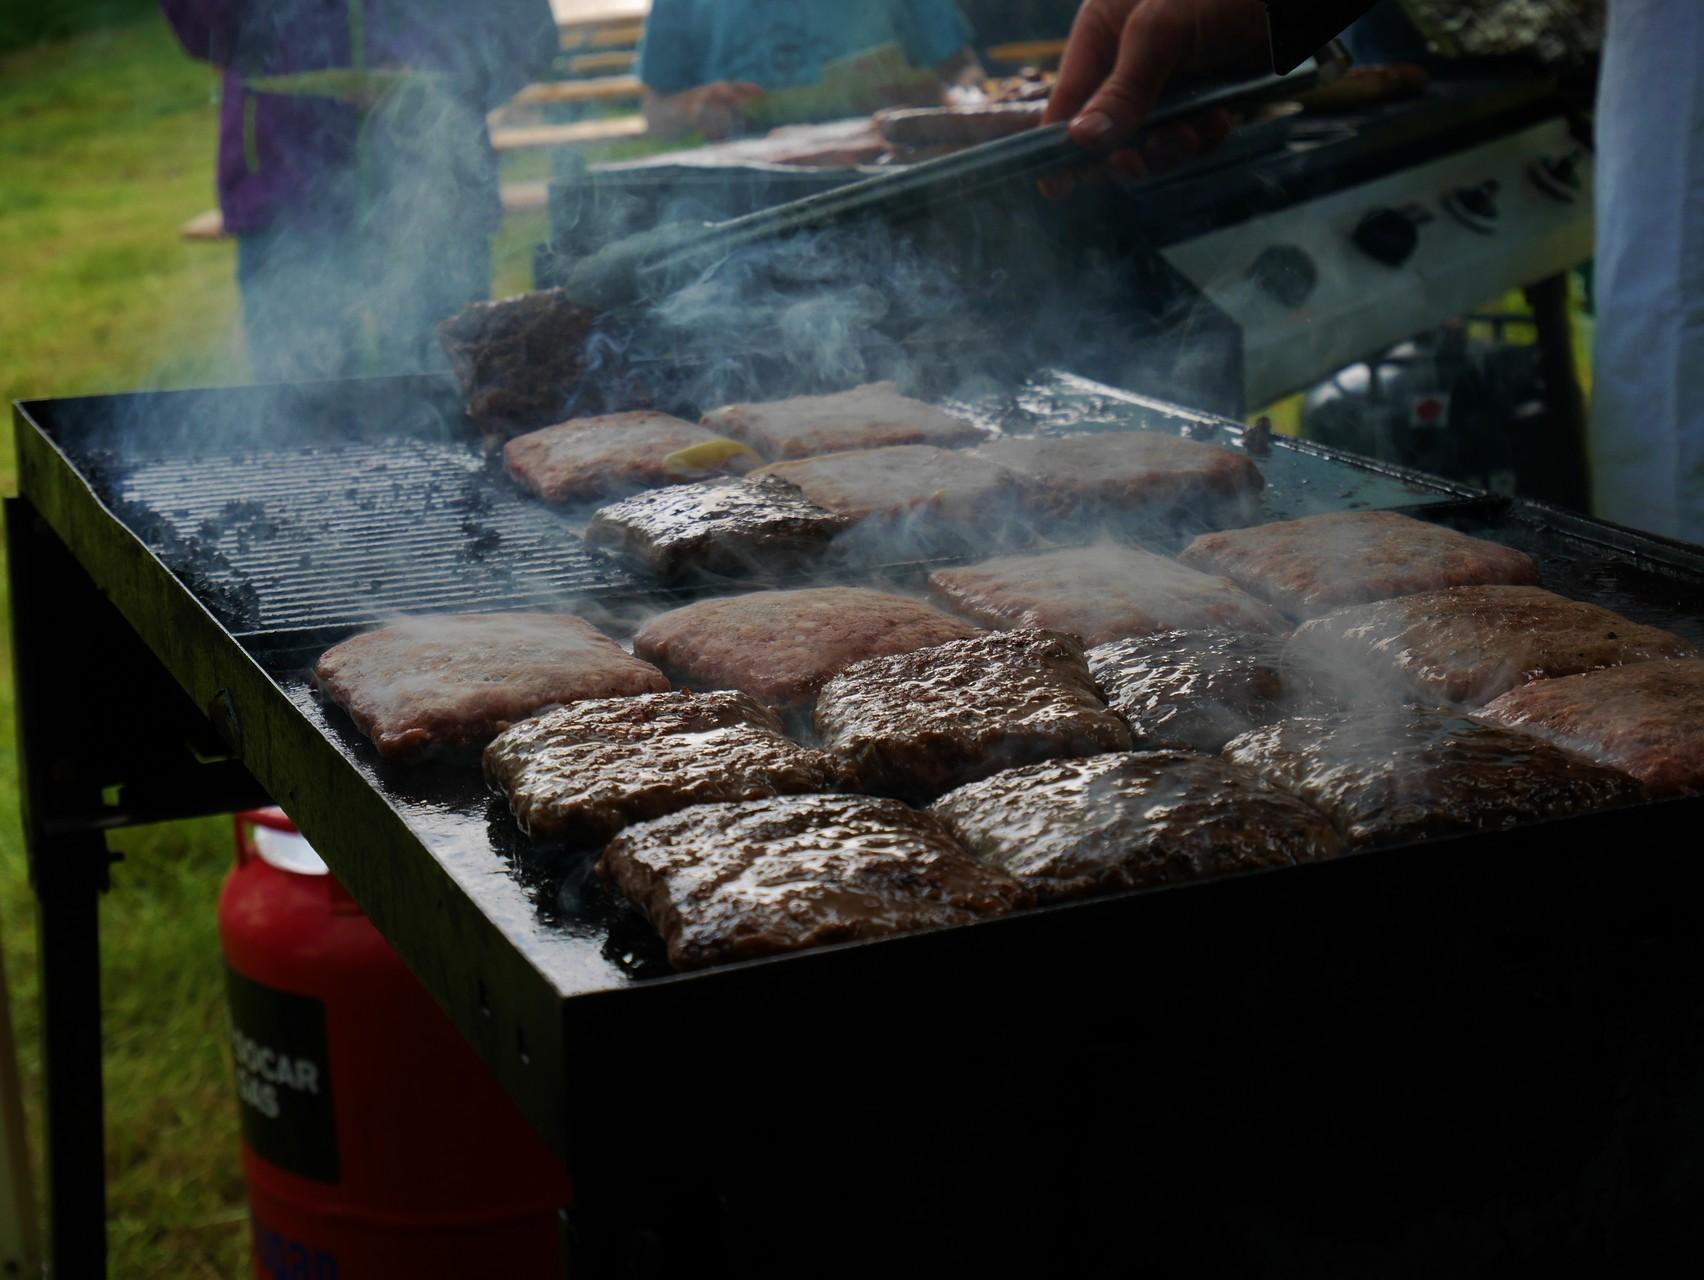 Die schmackhaften Zebu-Burger auf dem Grill